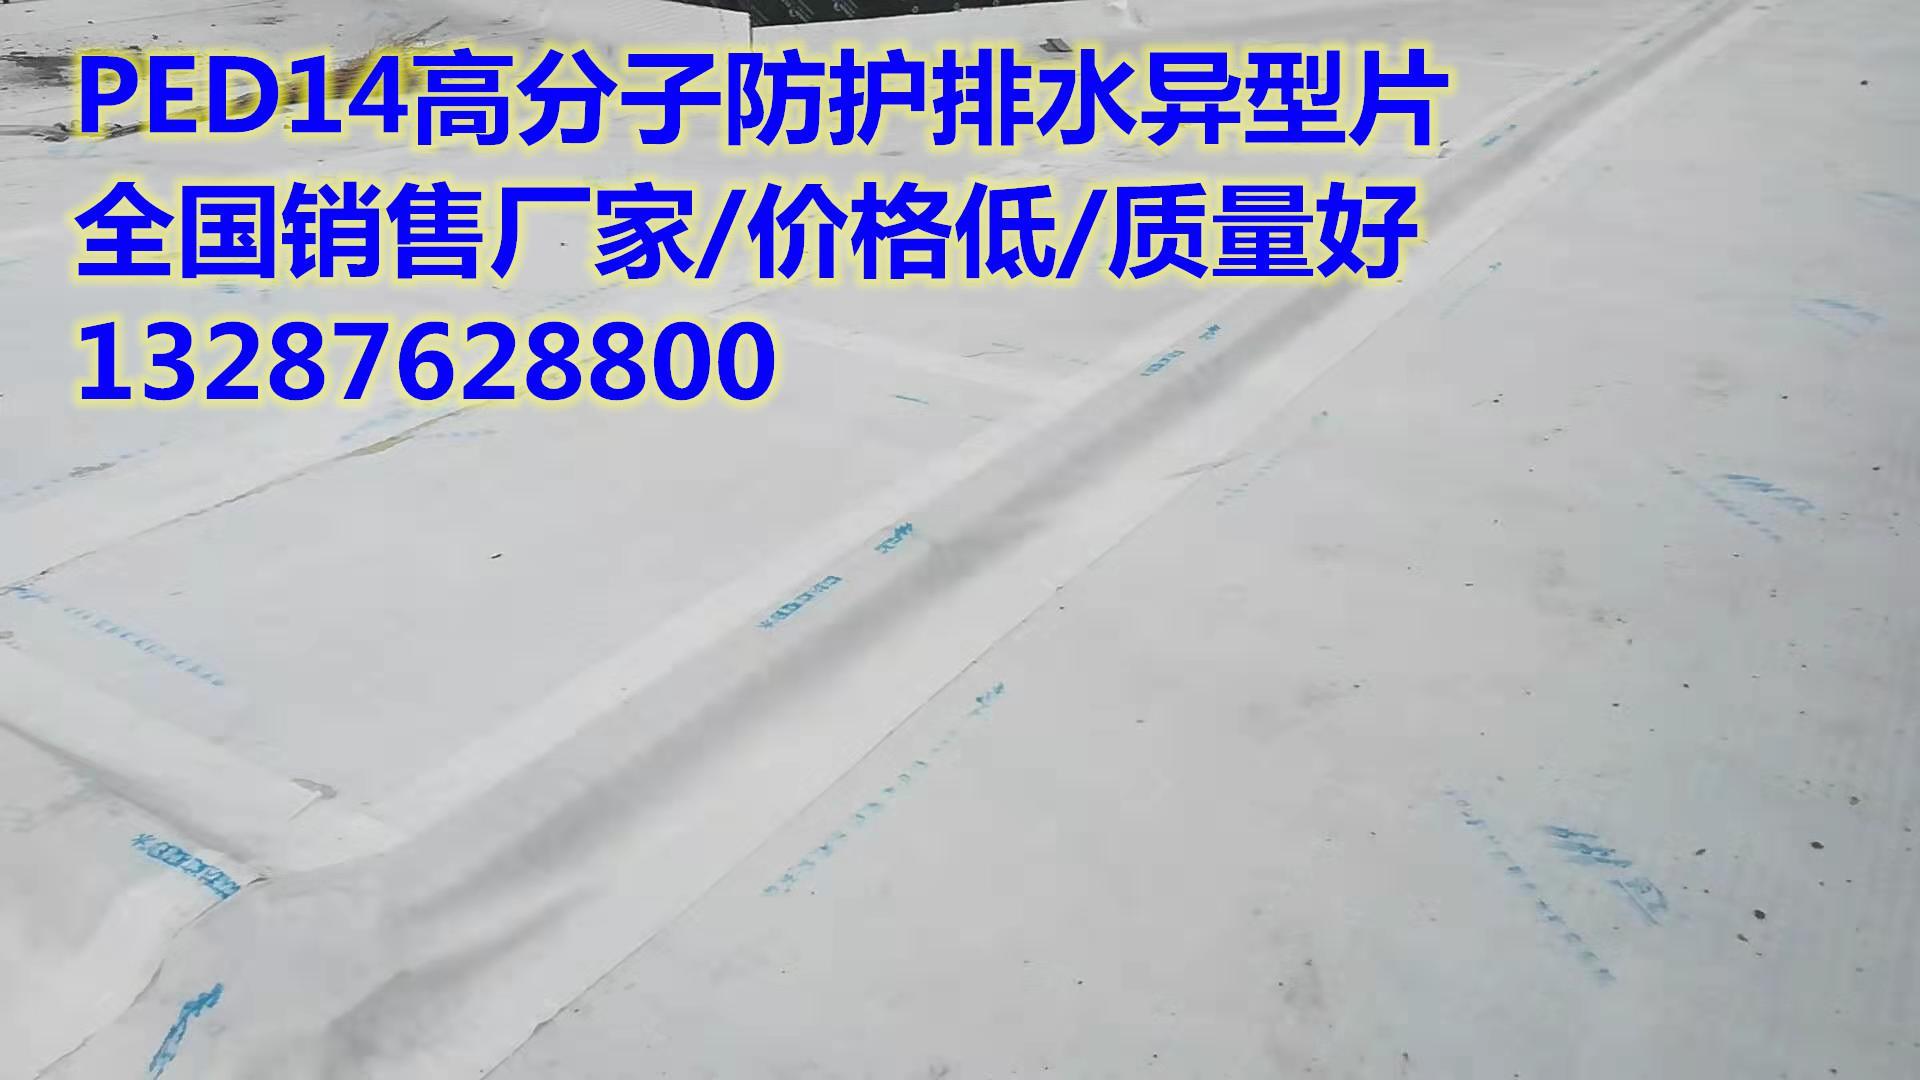 【来宾复合防护排水异形片】(专业施工队伍)